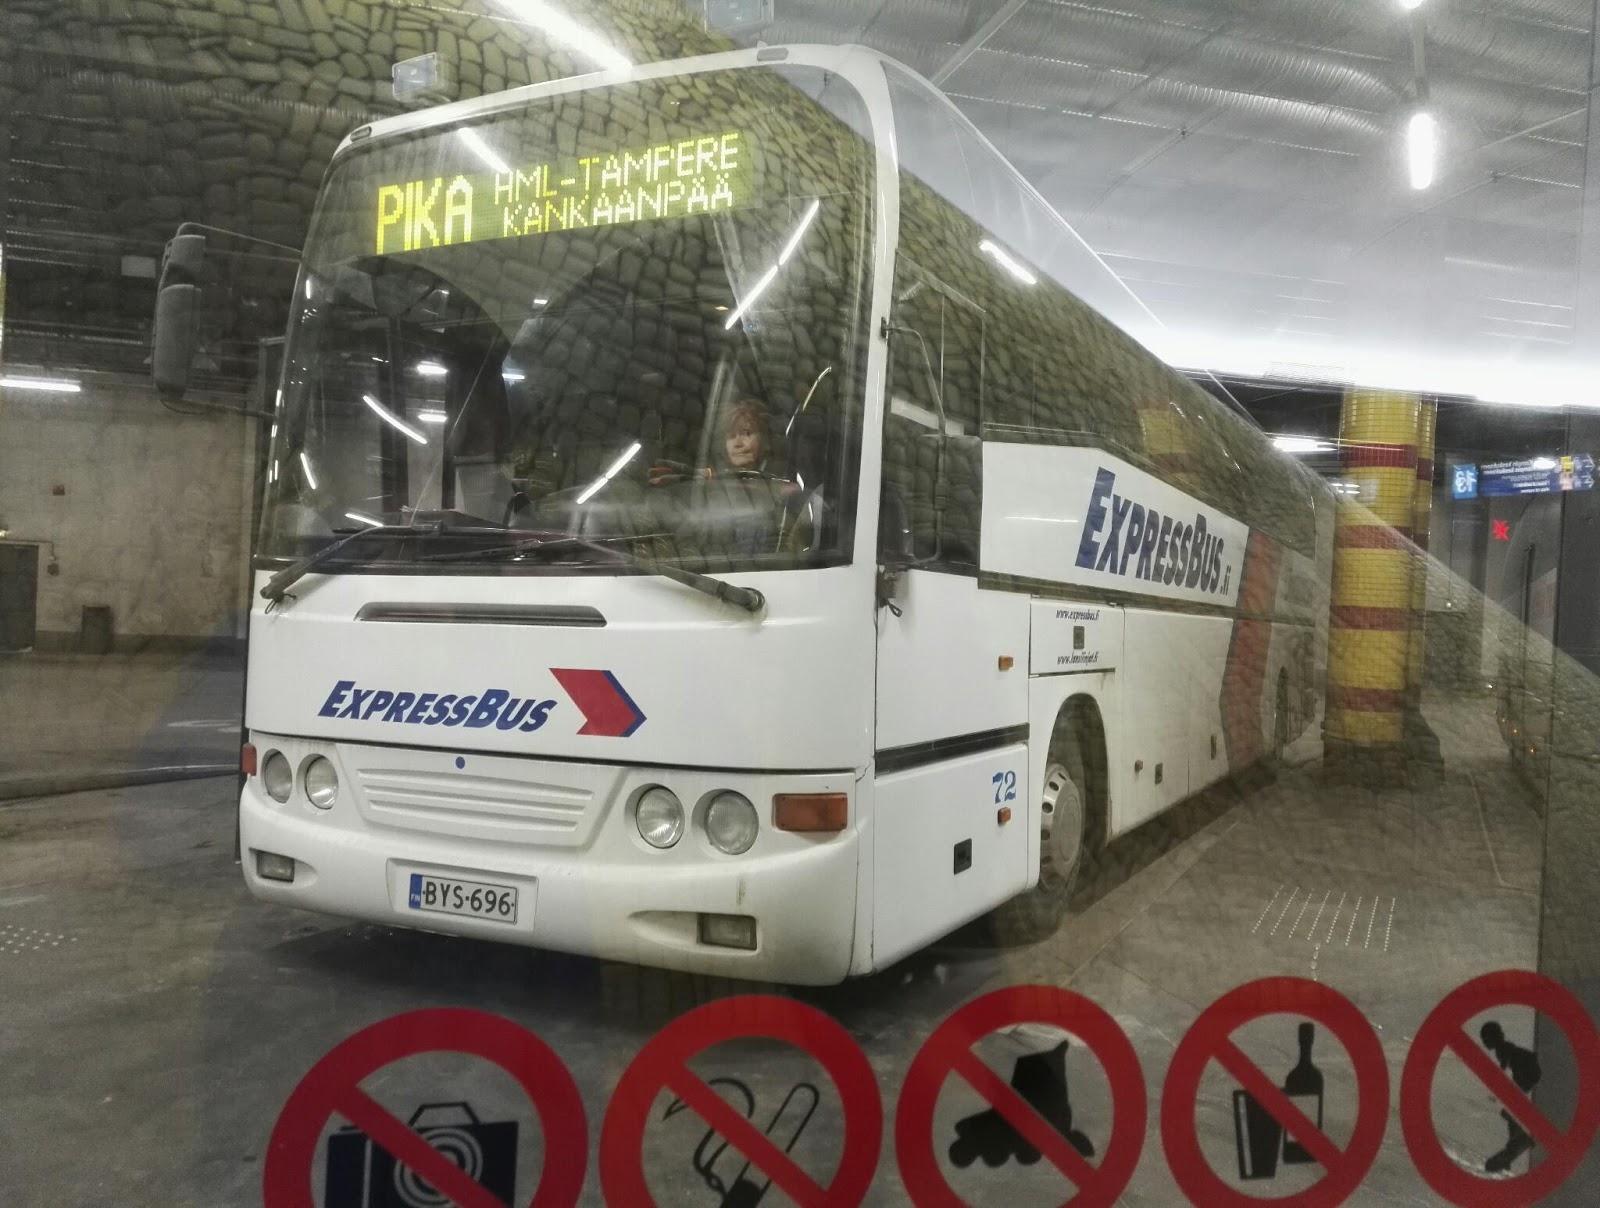 helsinki ikaalinen bussi